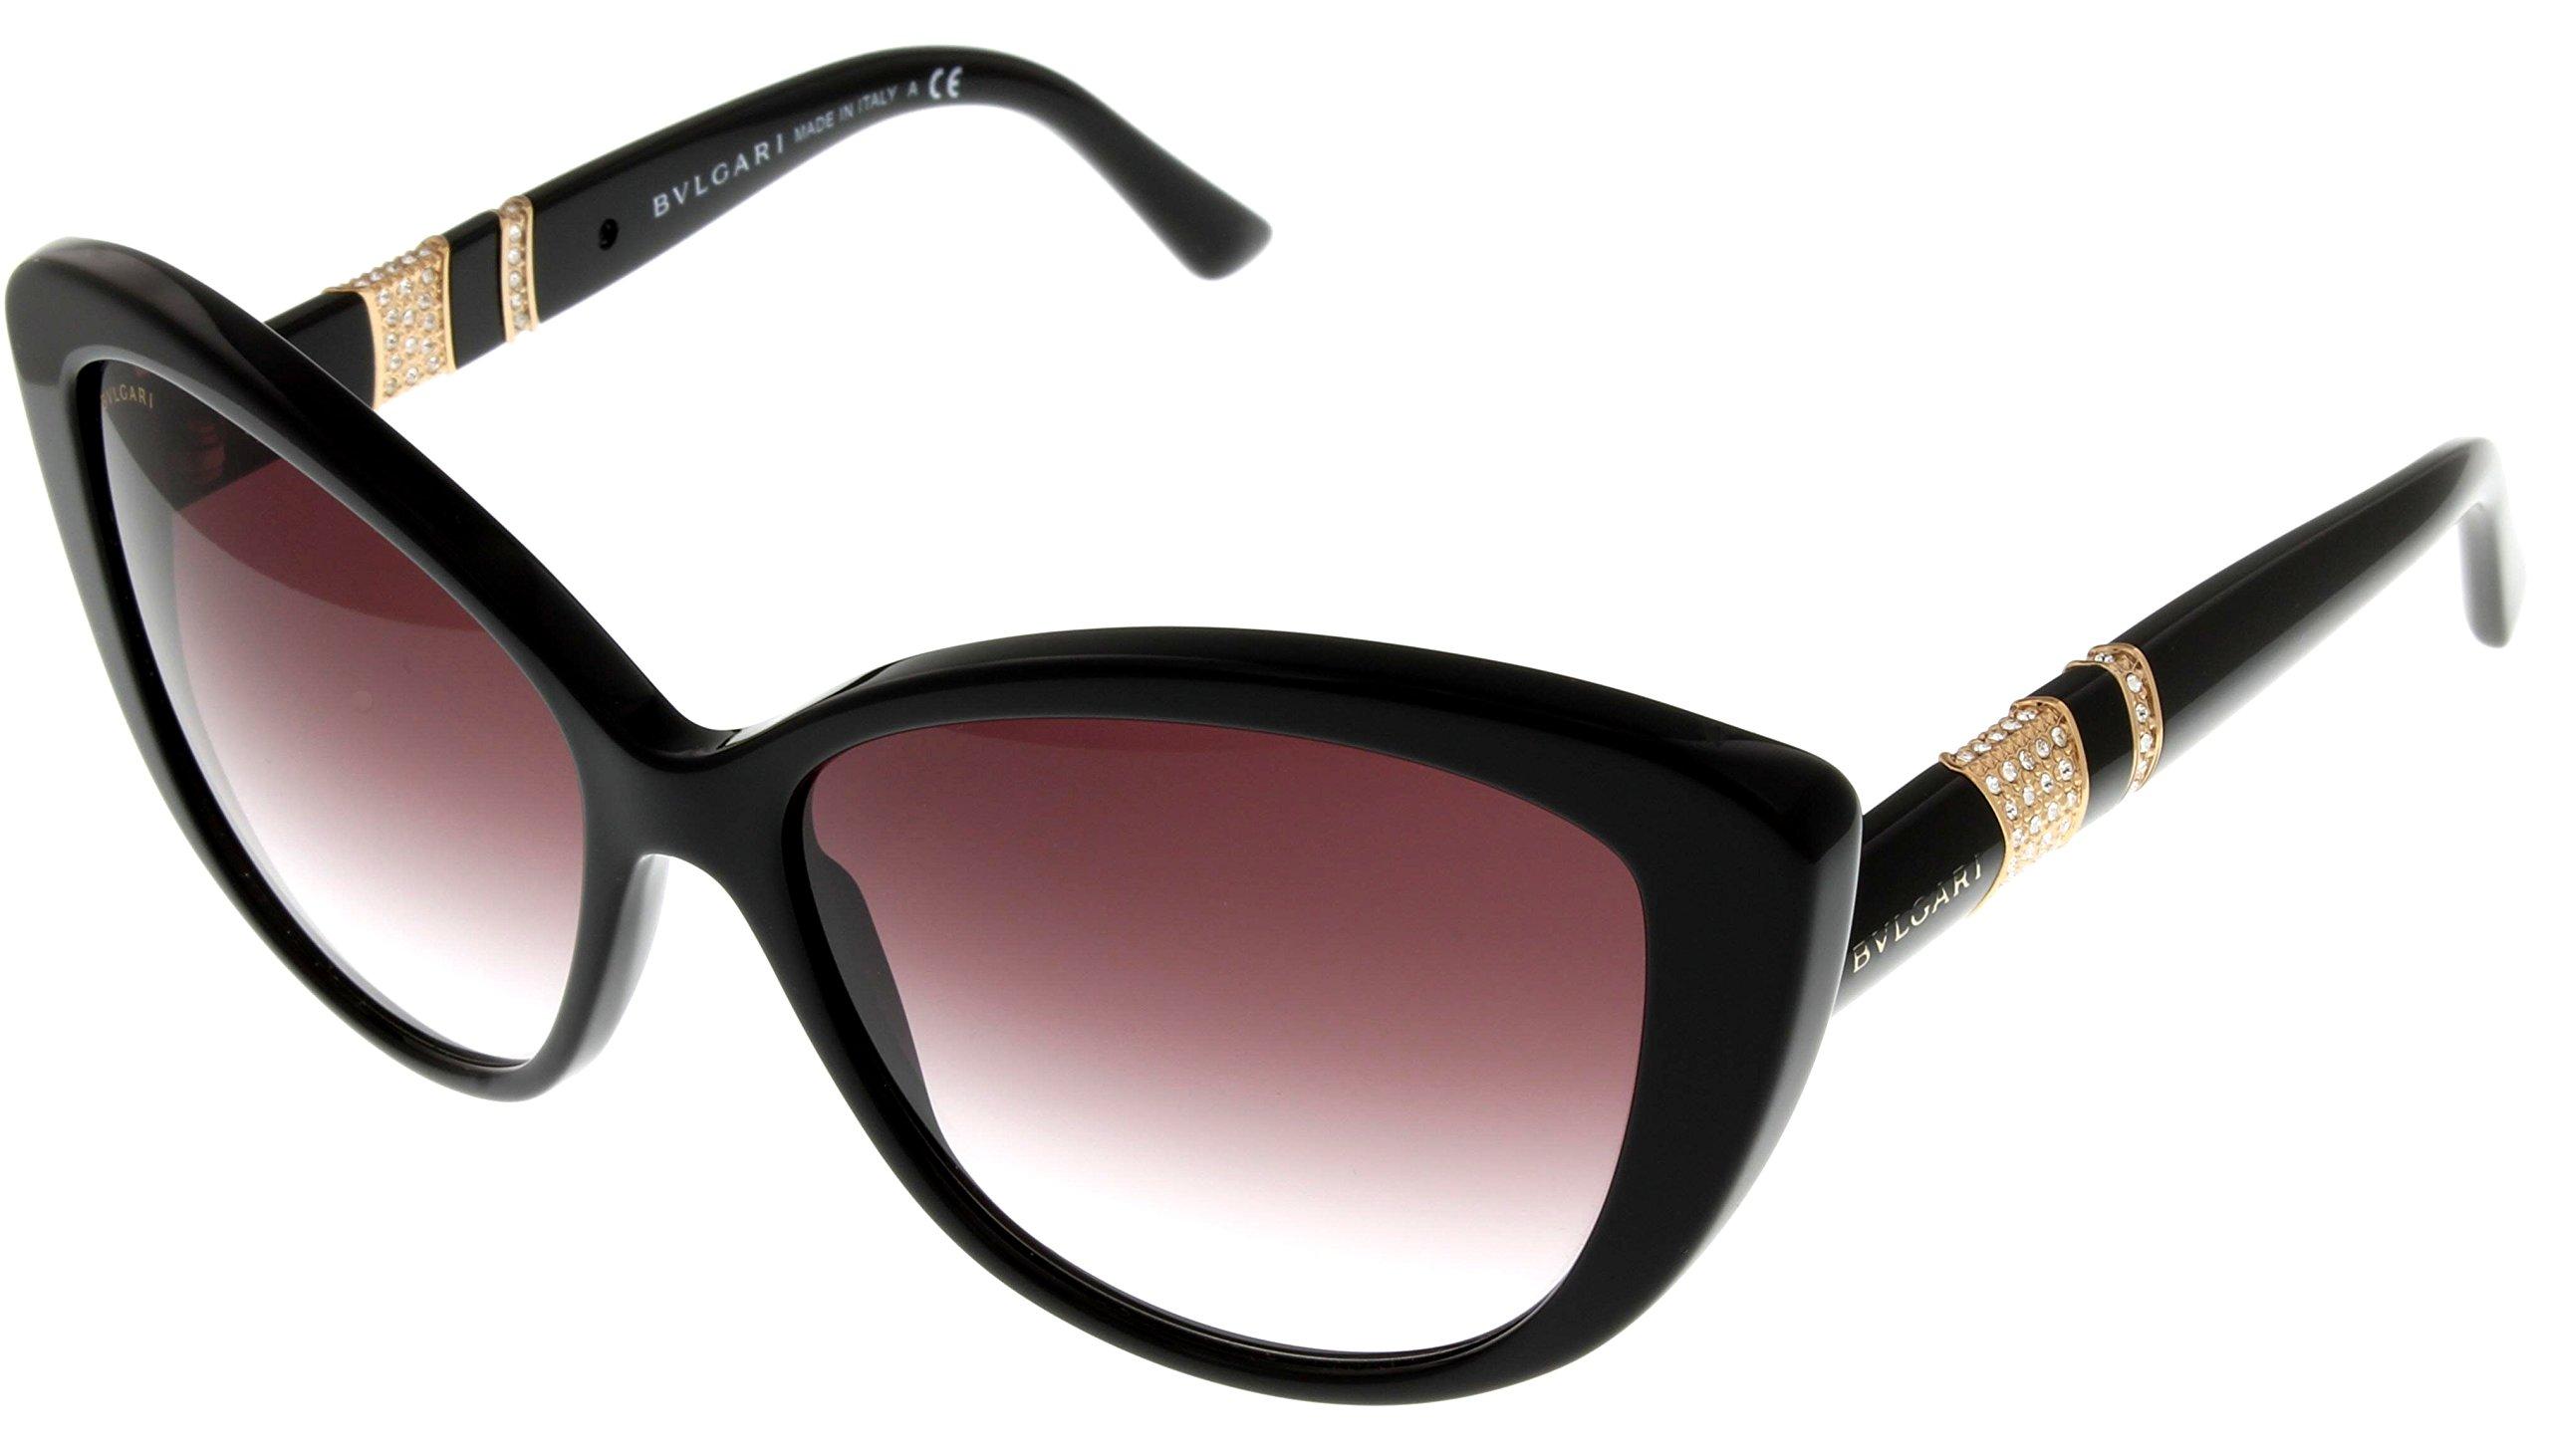 Bvlgari Sunglasses Womens Black Cateye BV8151B 501/8H